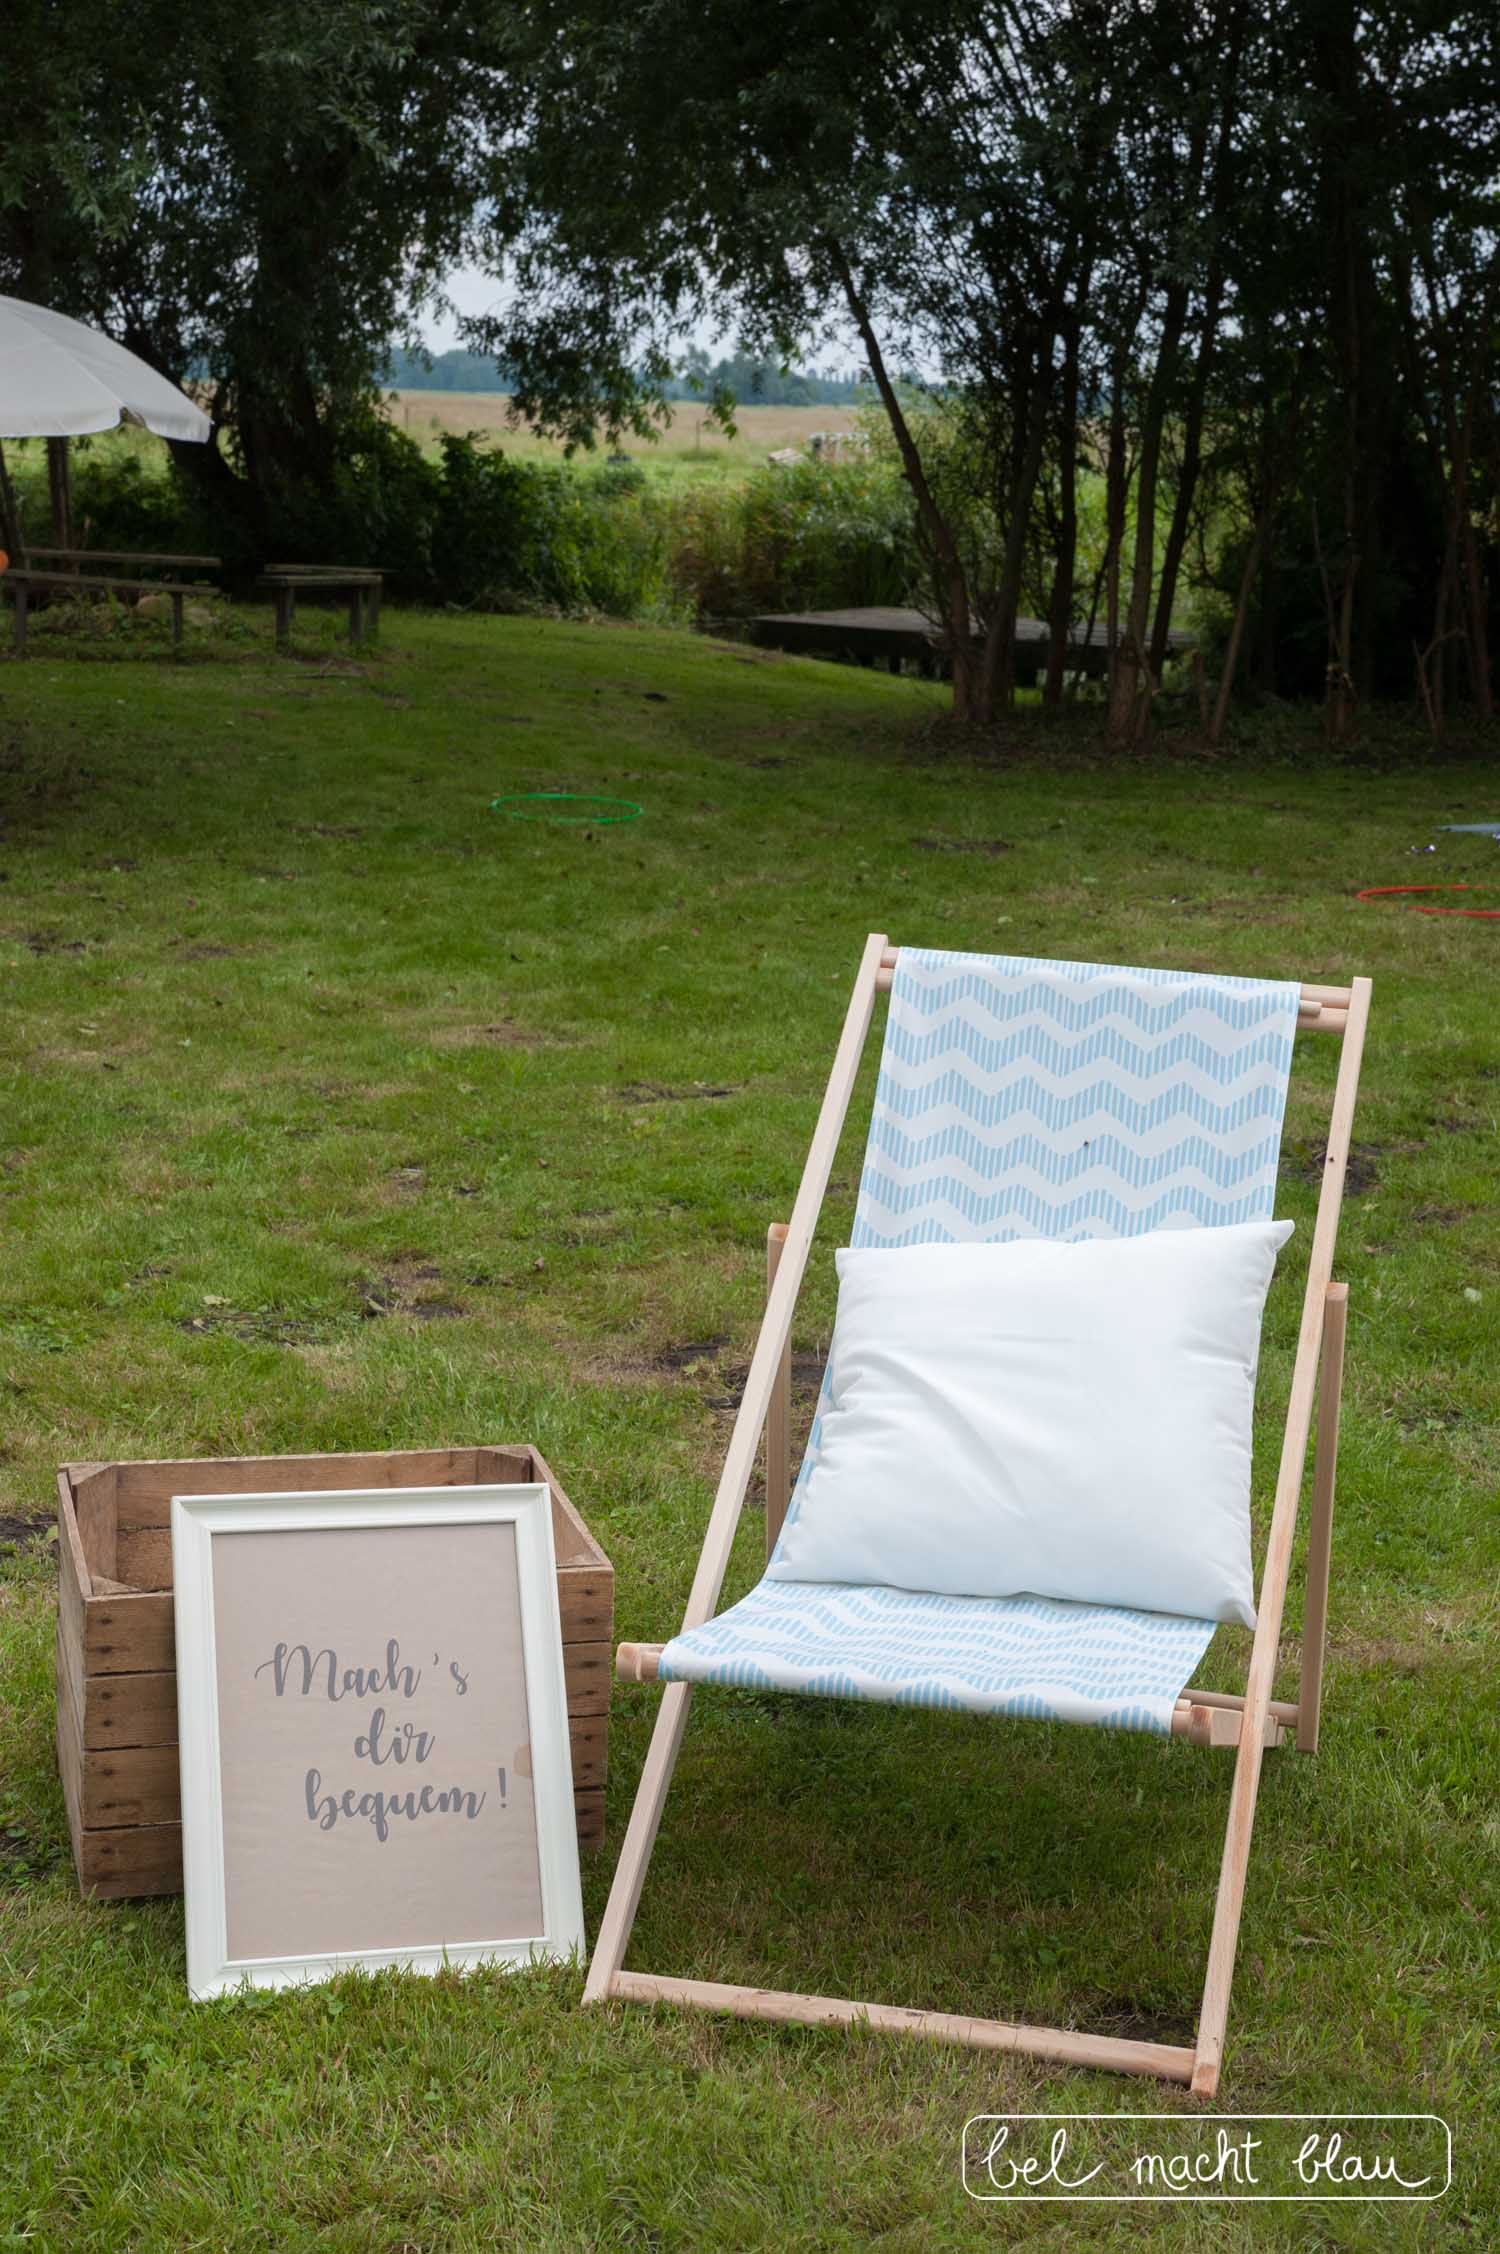 Hochzeit mit Kindern - die besten Beschäftigungsideen - Machs dir bequem - Liegestuhl